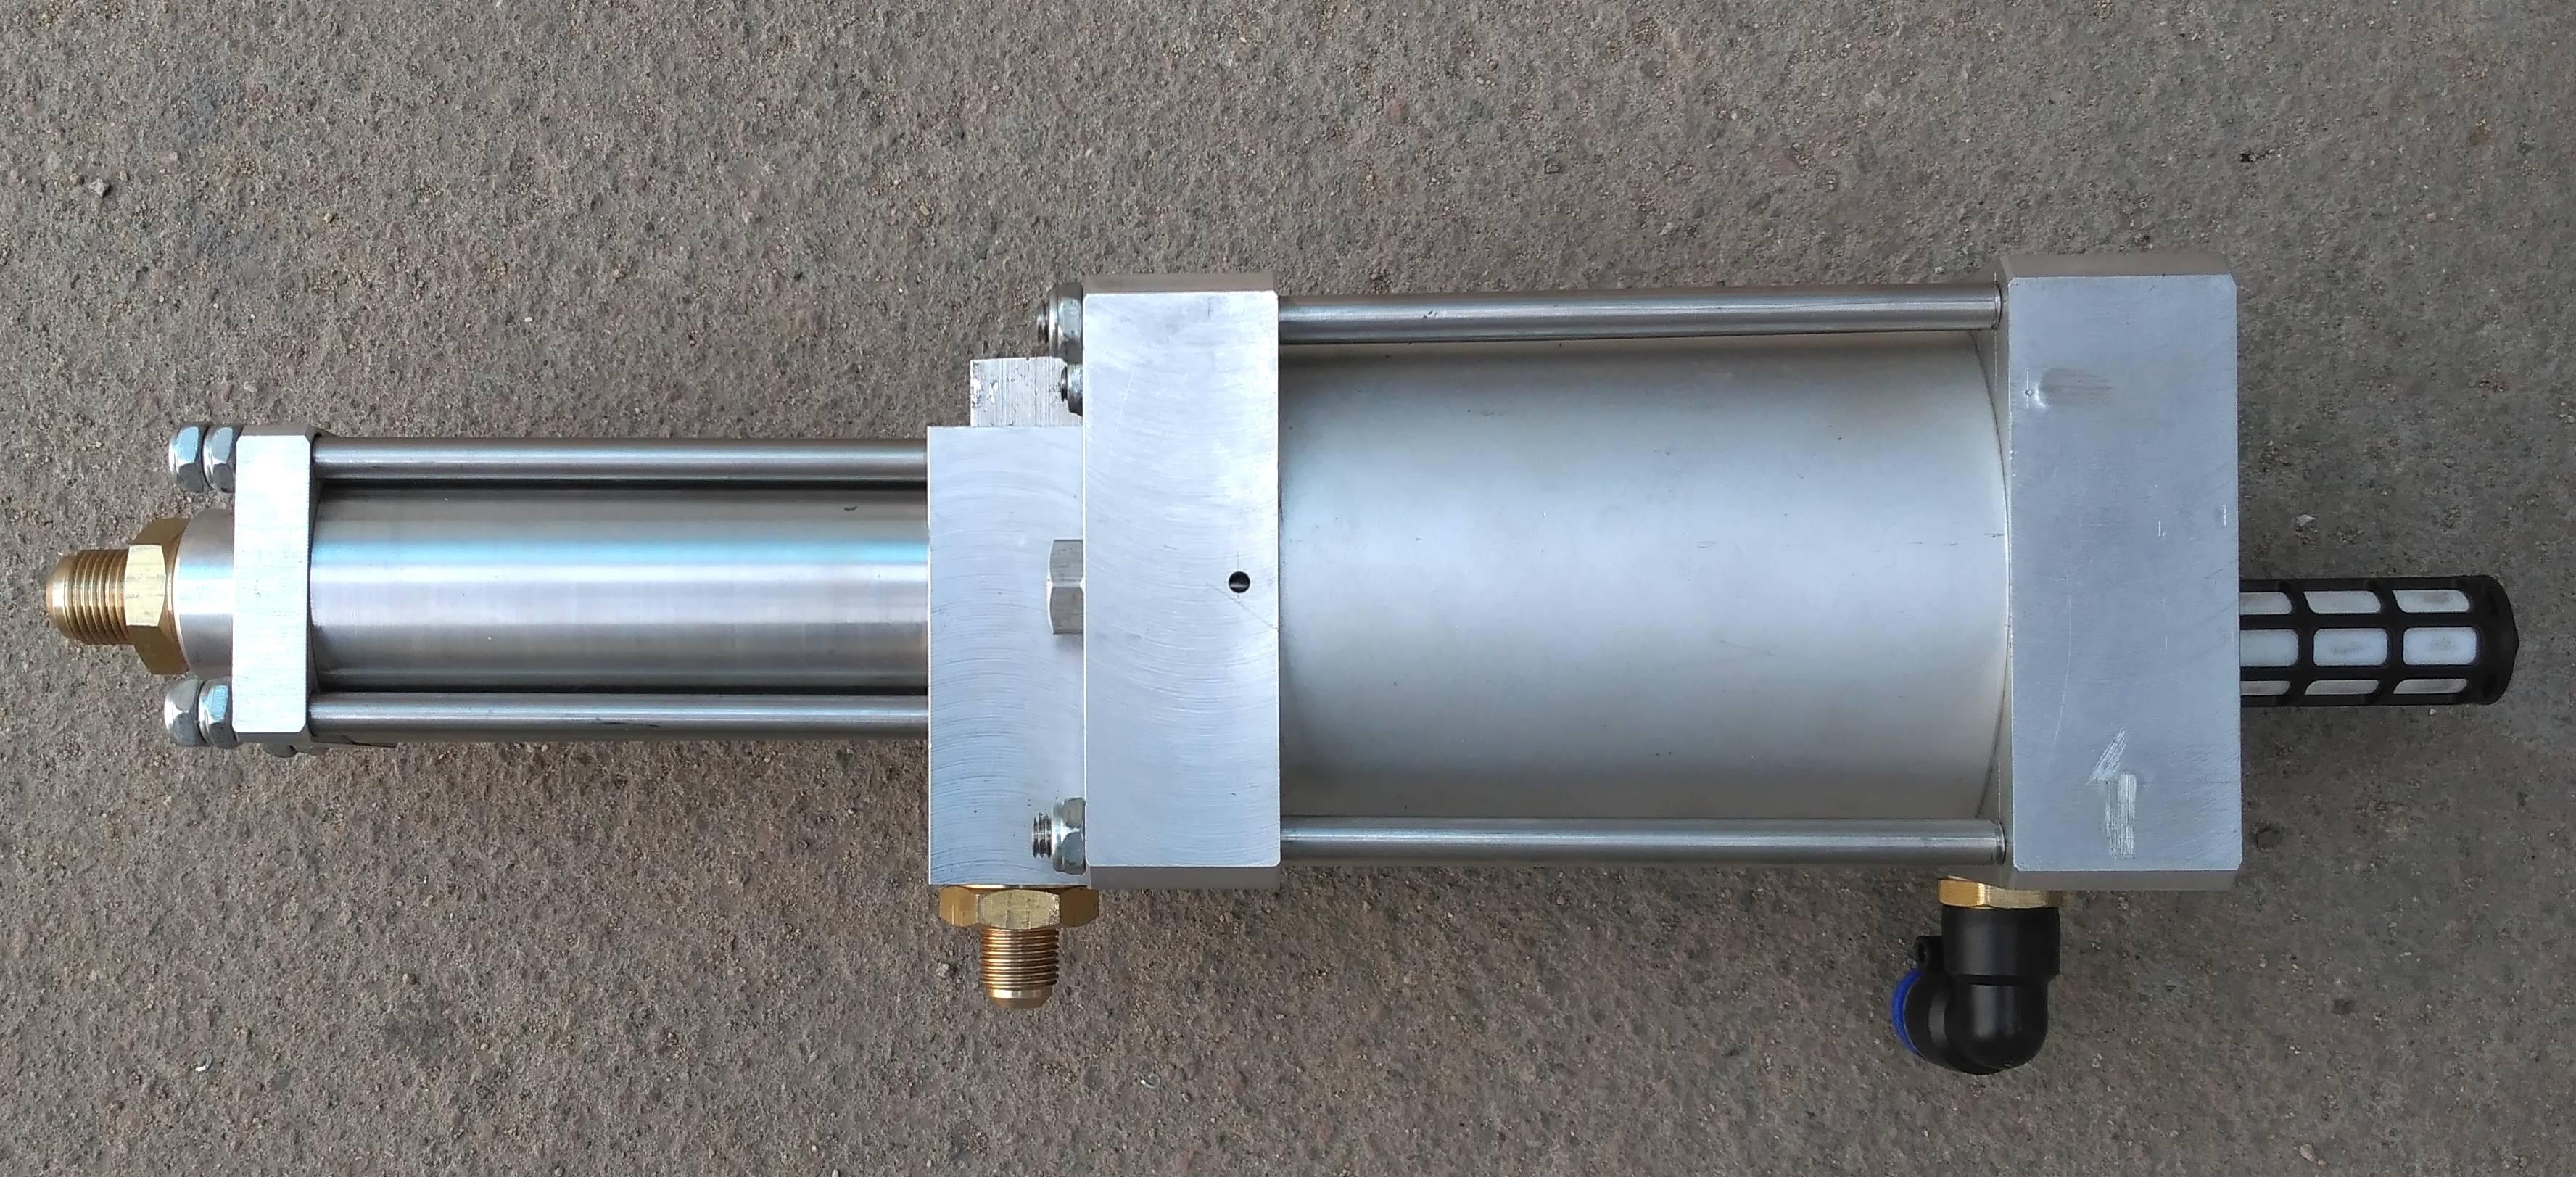 大流量气体增压泵应用-济南欧利特流体提供